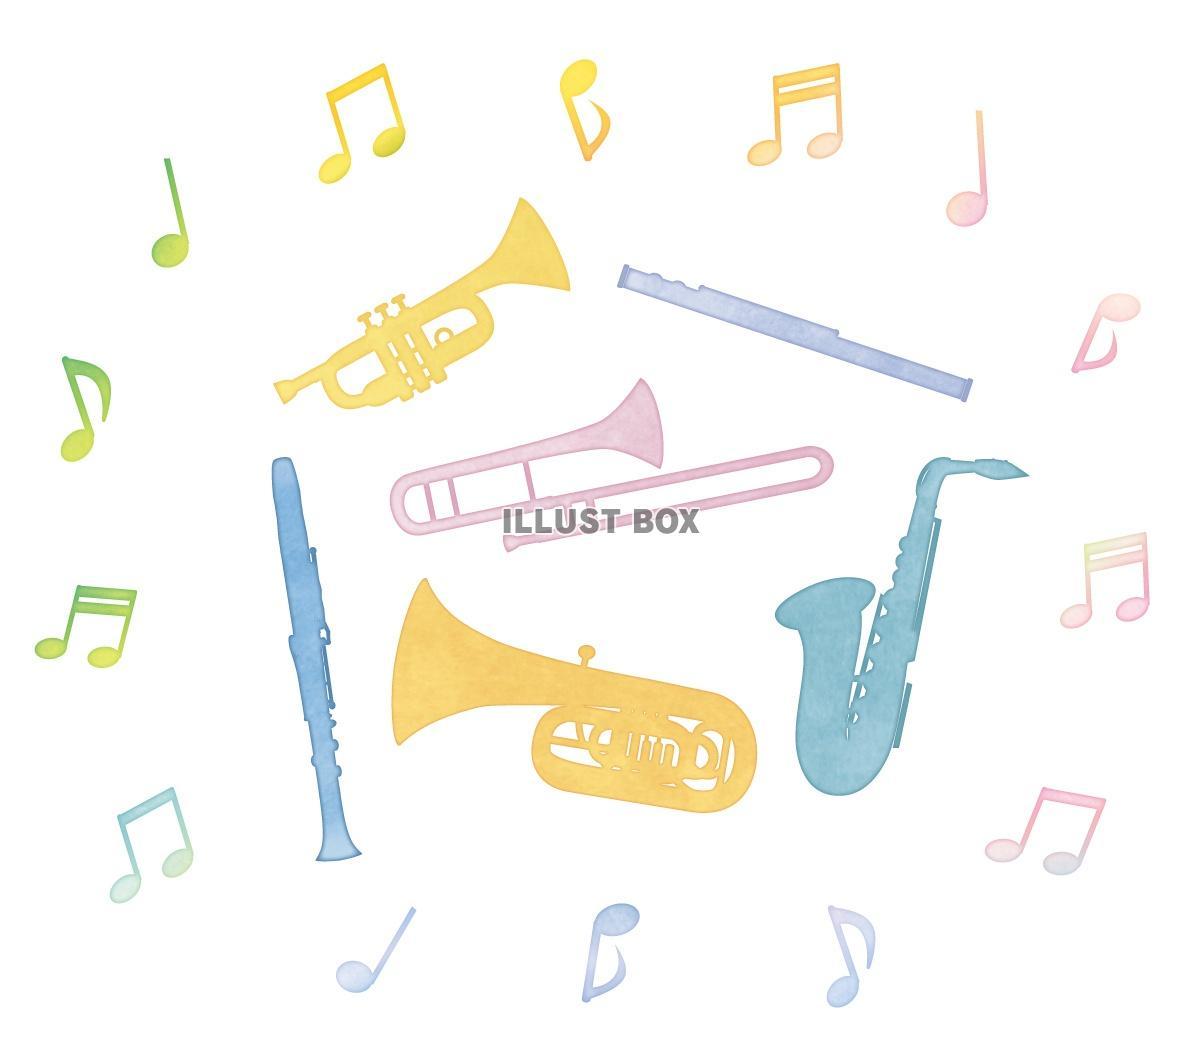 無料イラスト 水彩の楽器と音符サークル